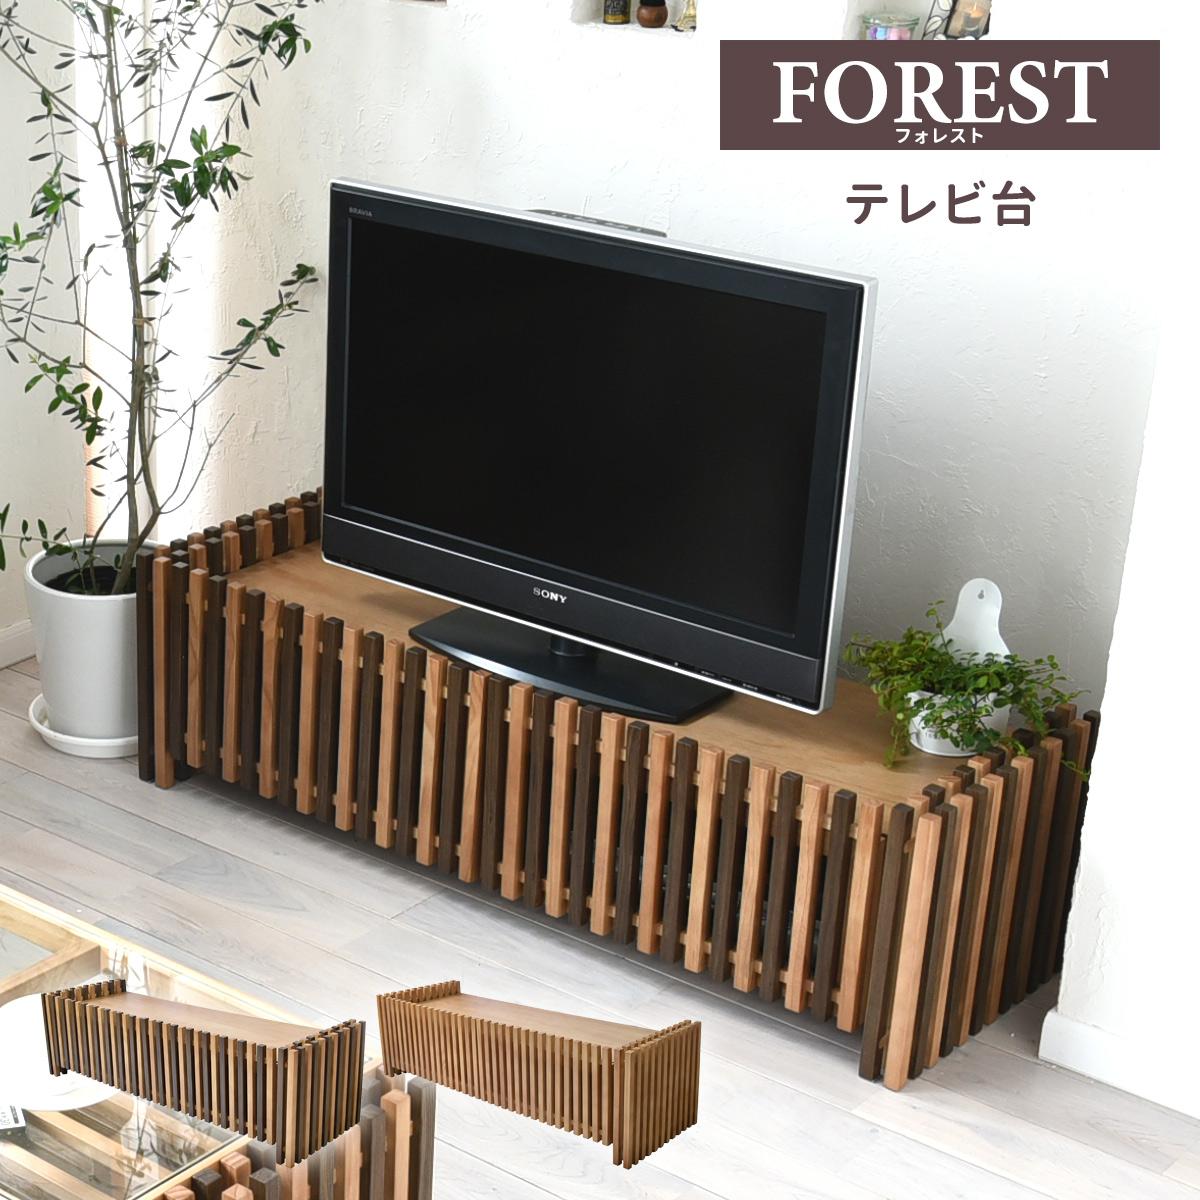 【送料無料】 【メーカー直送・代引不可】FOREST テレビ台